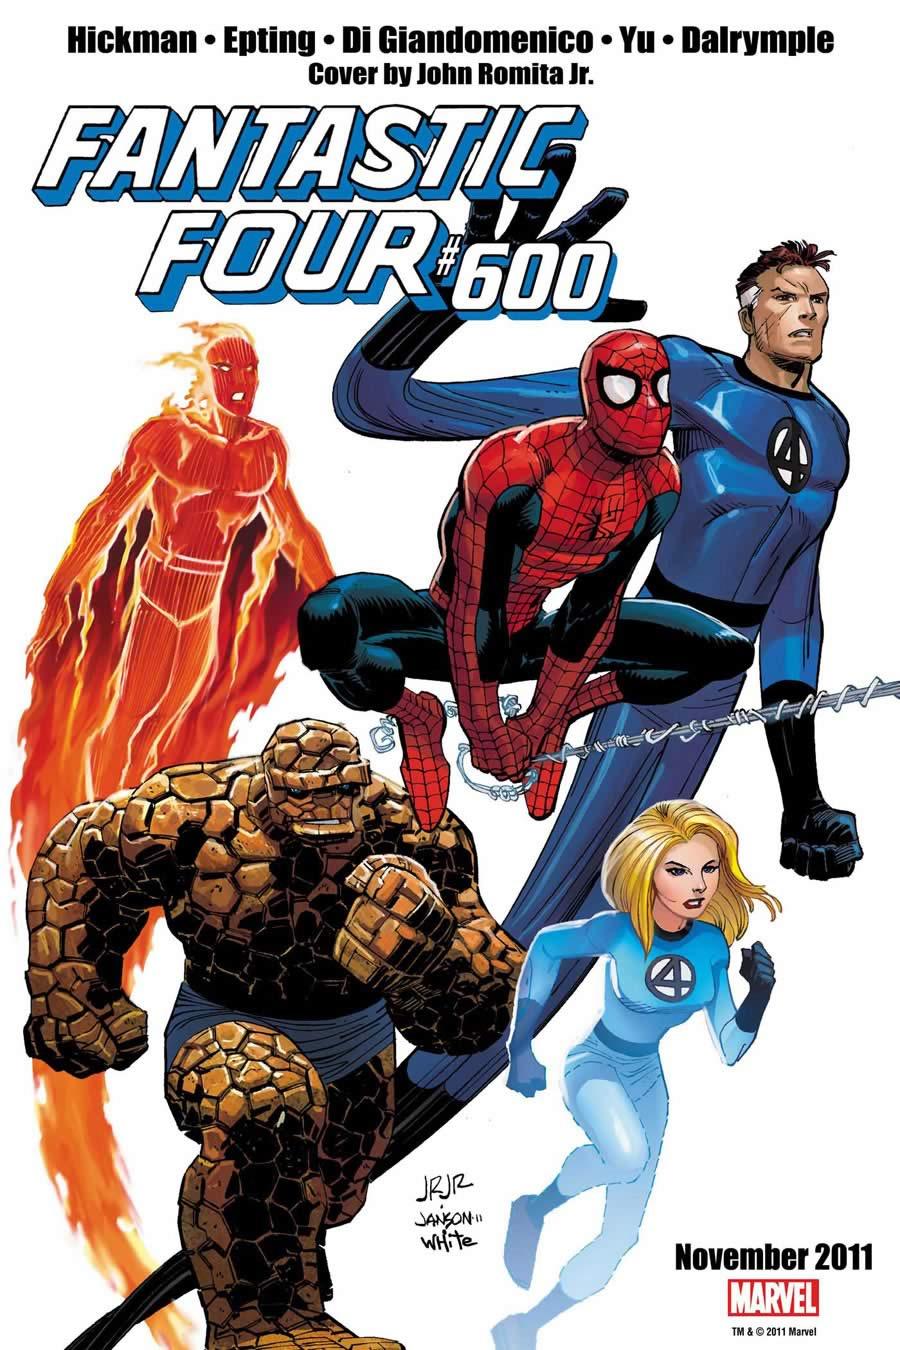 fantastic four 600 teaser